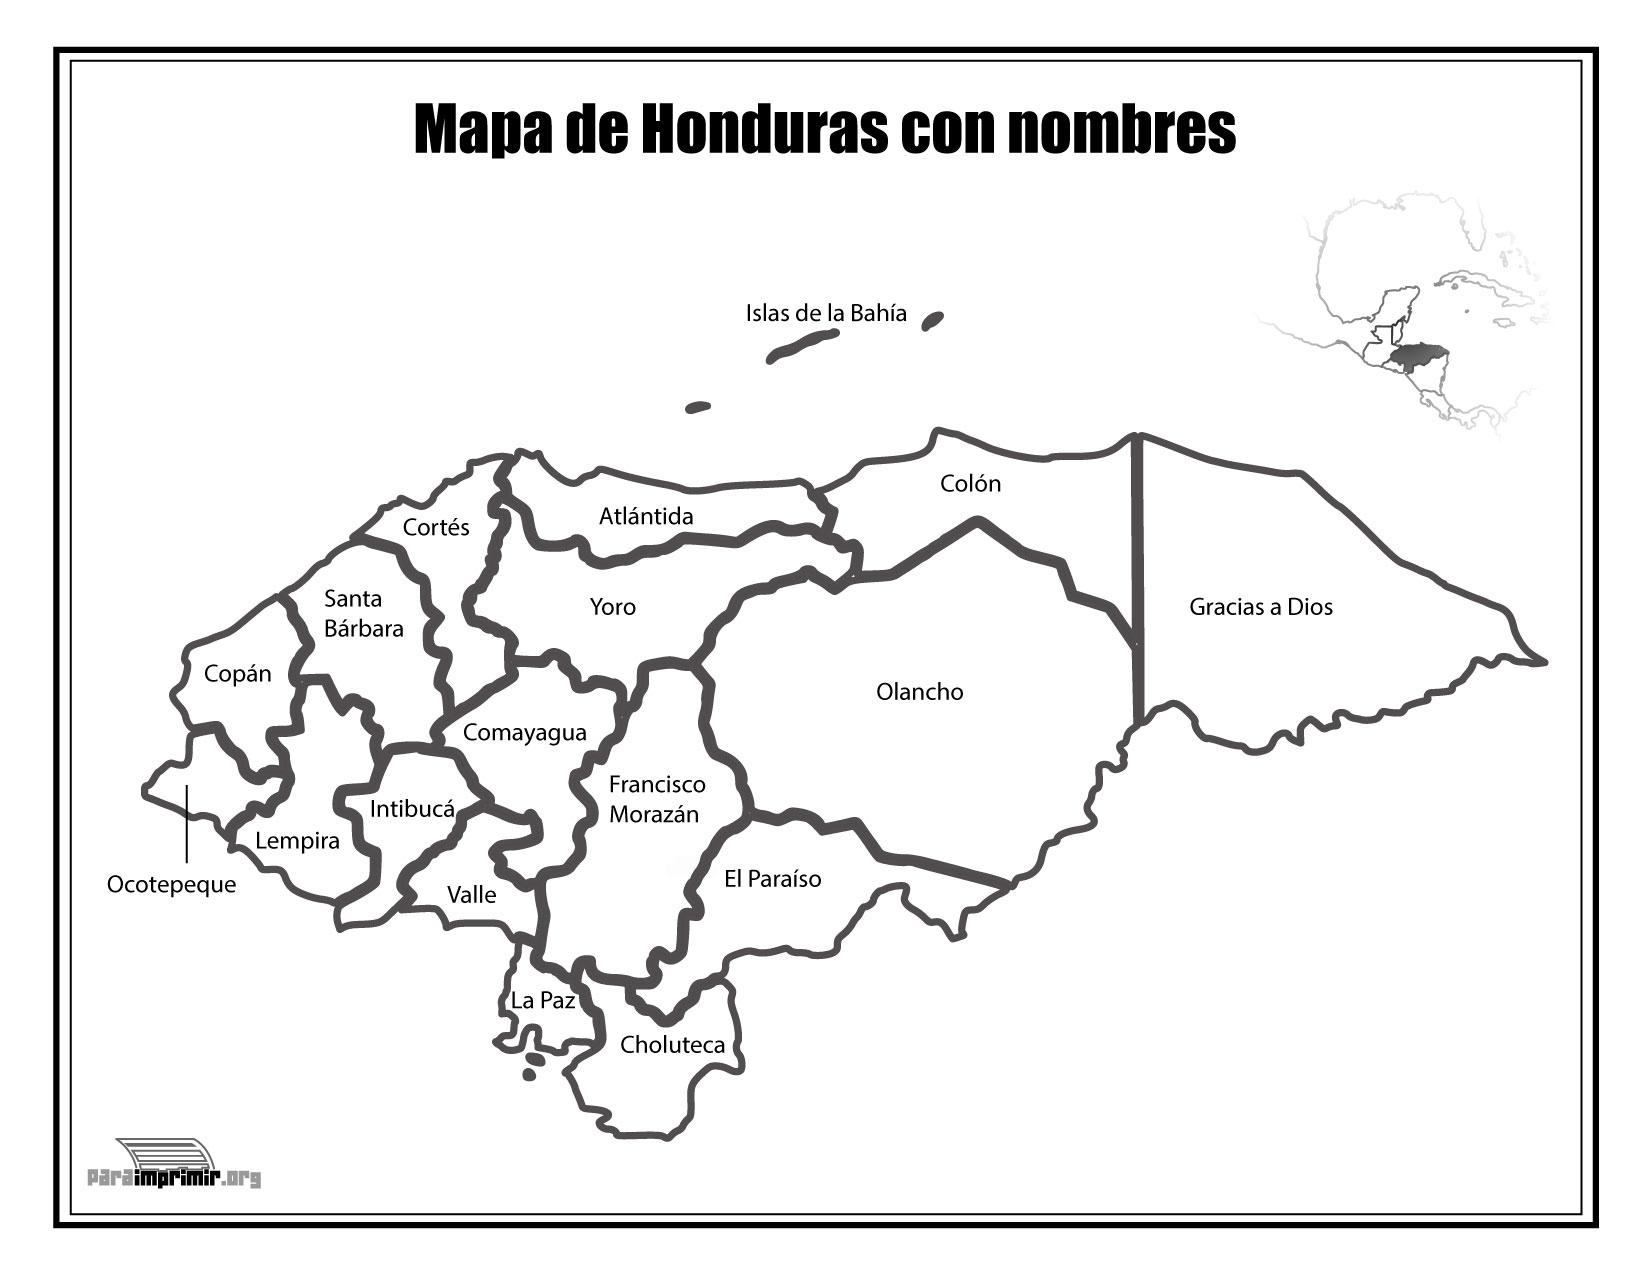 Mapa_de_Honduras_con_nombres_para_imprimir.jpg